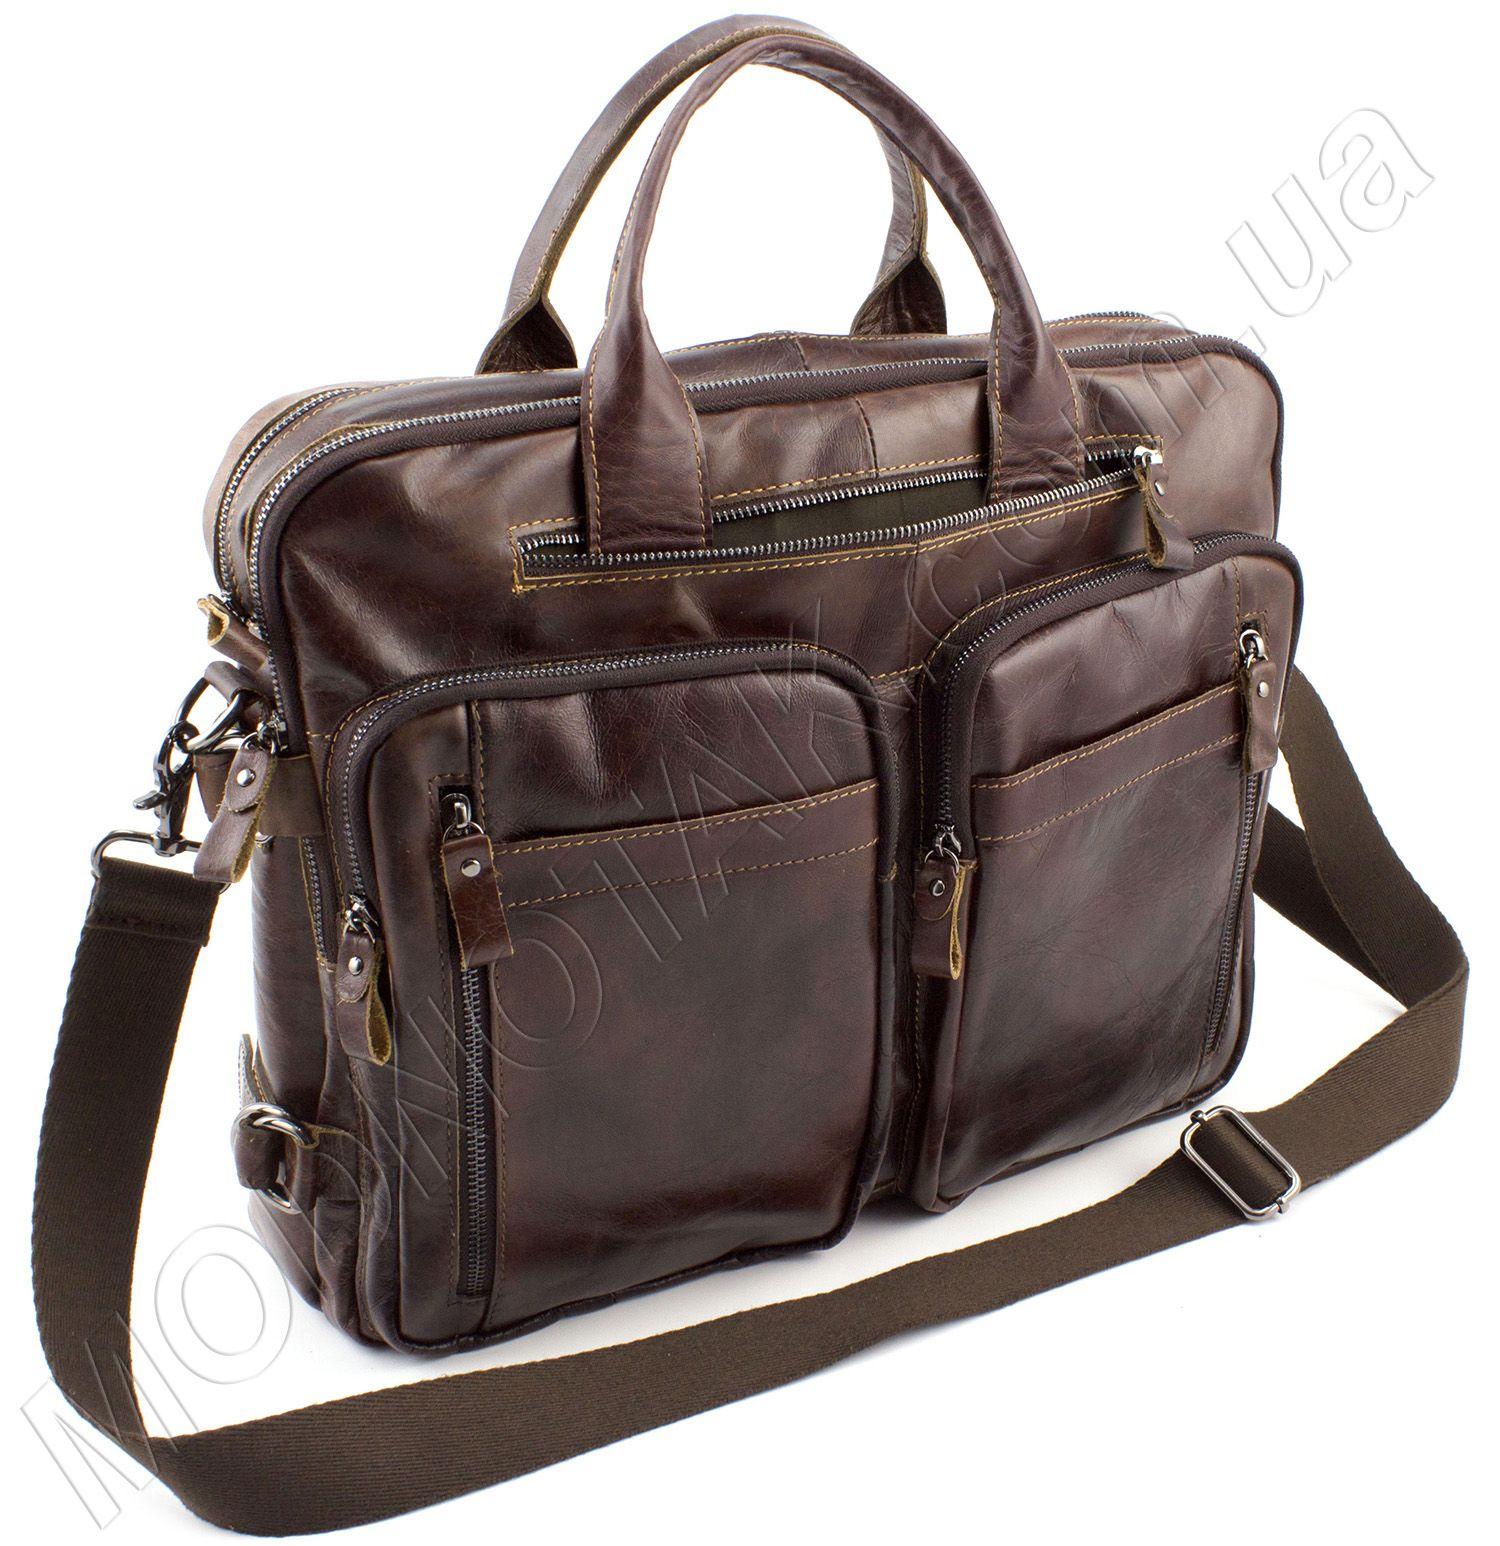 e3d8b7852d85 Кожаная сумка для документов KLEVENT: купить мужскую сумку из кожи ...